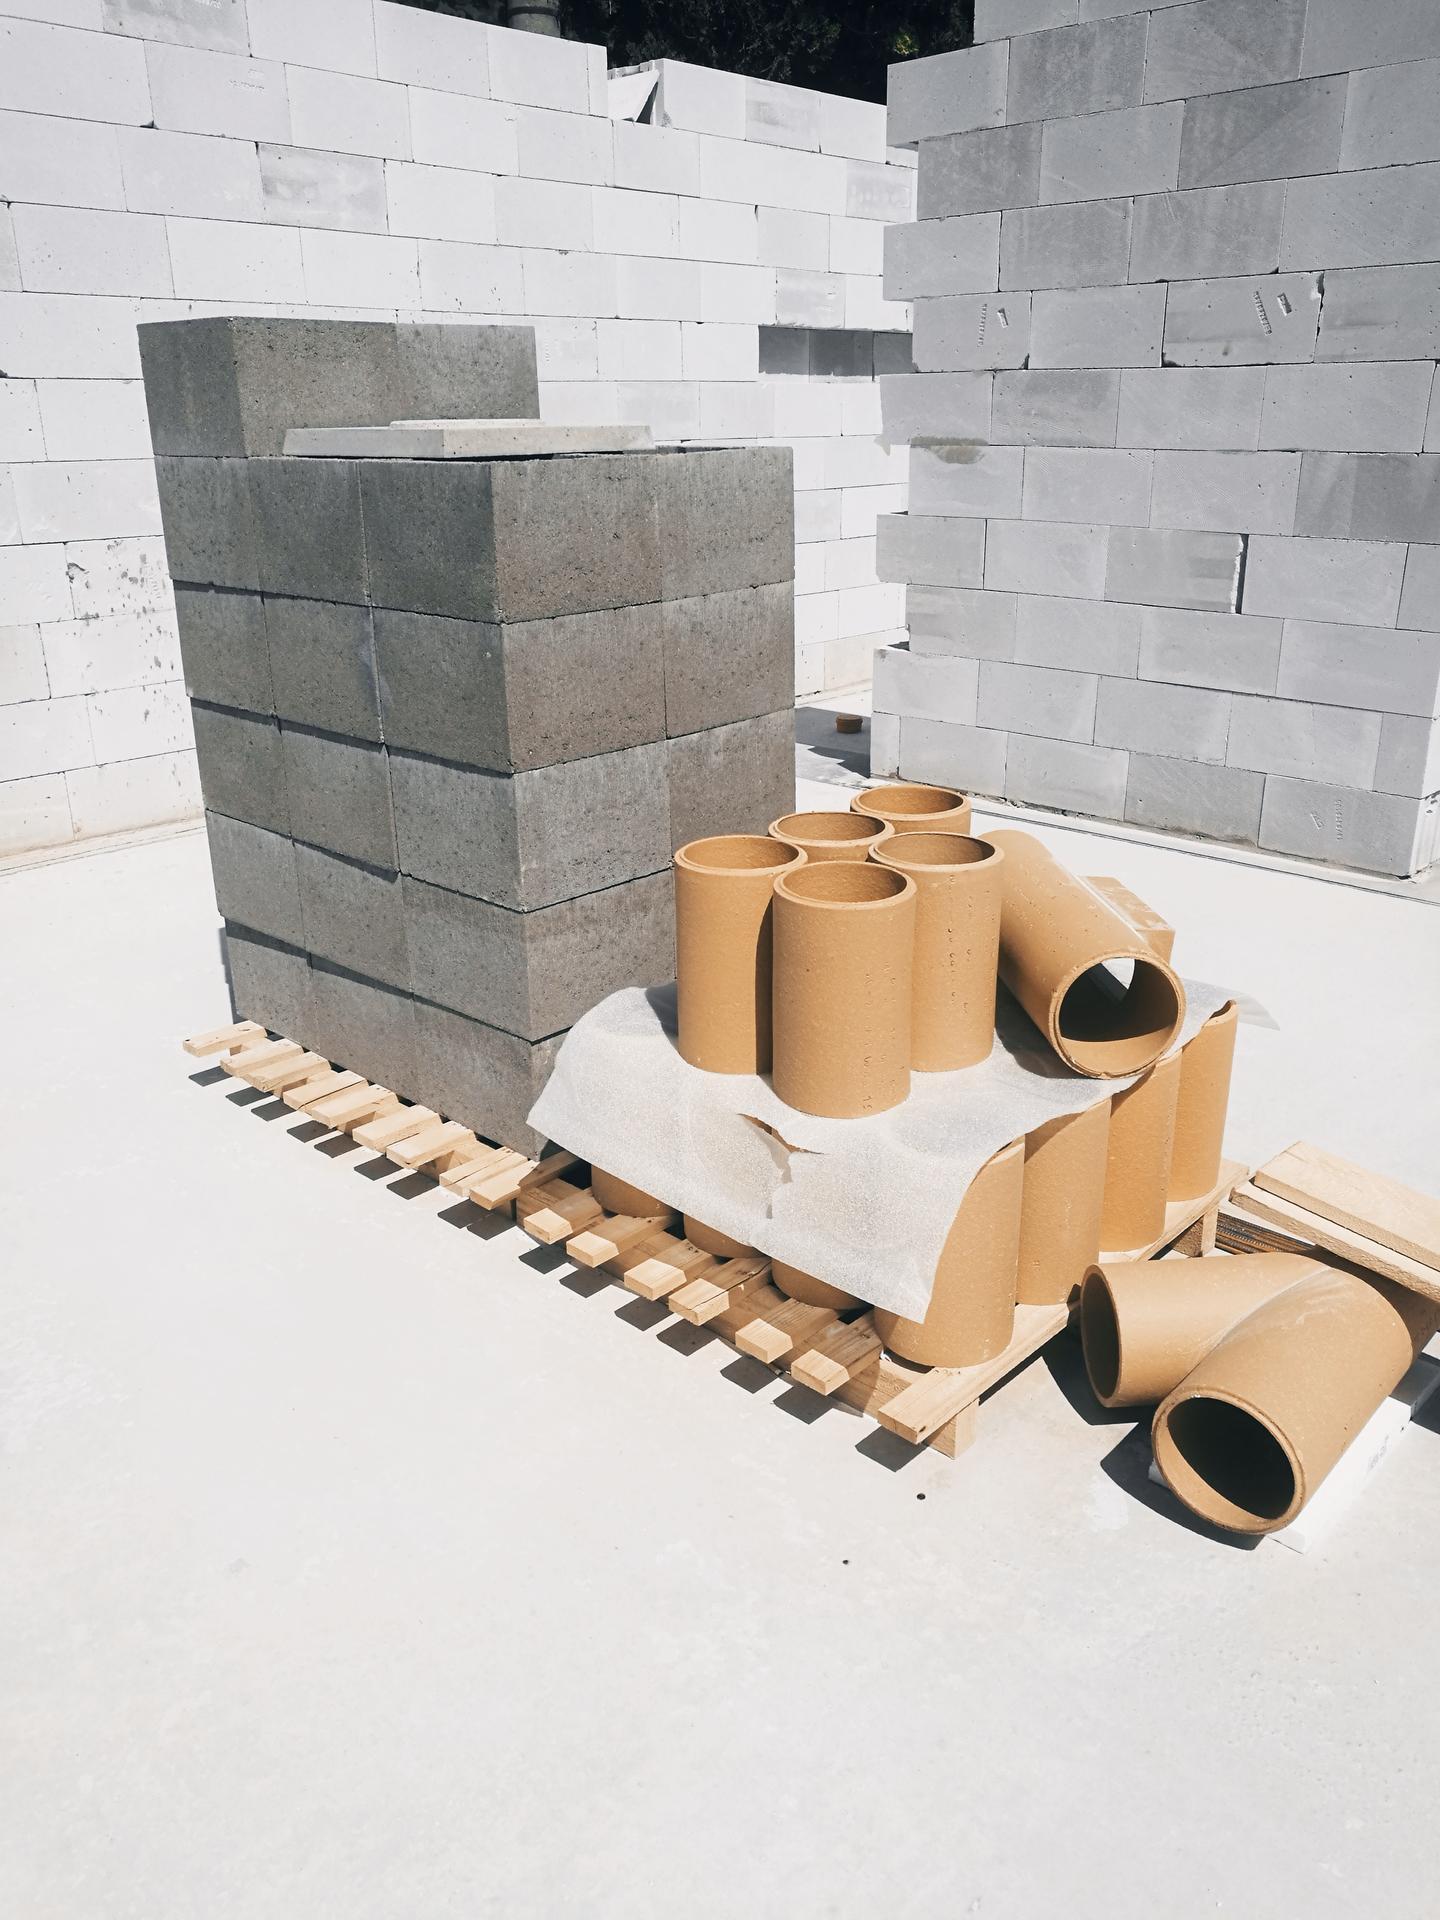 Stavíme domeček - Obrázek č. 4